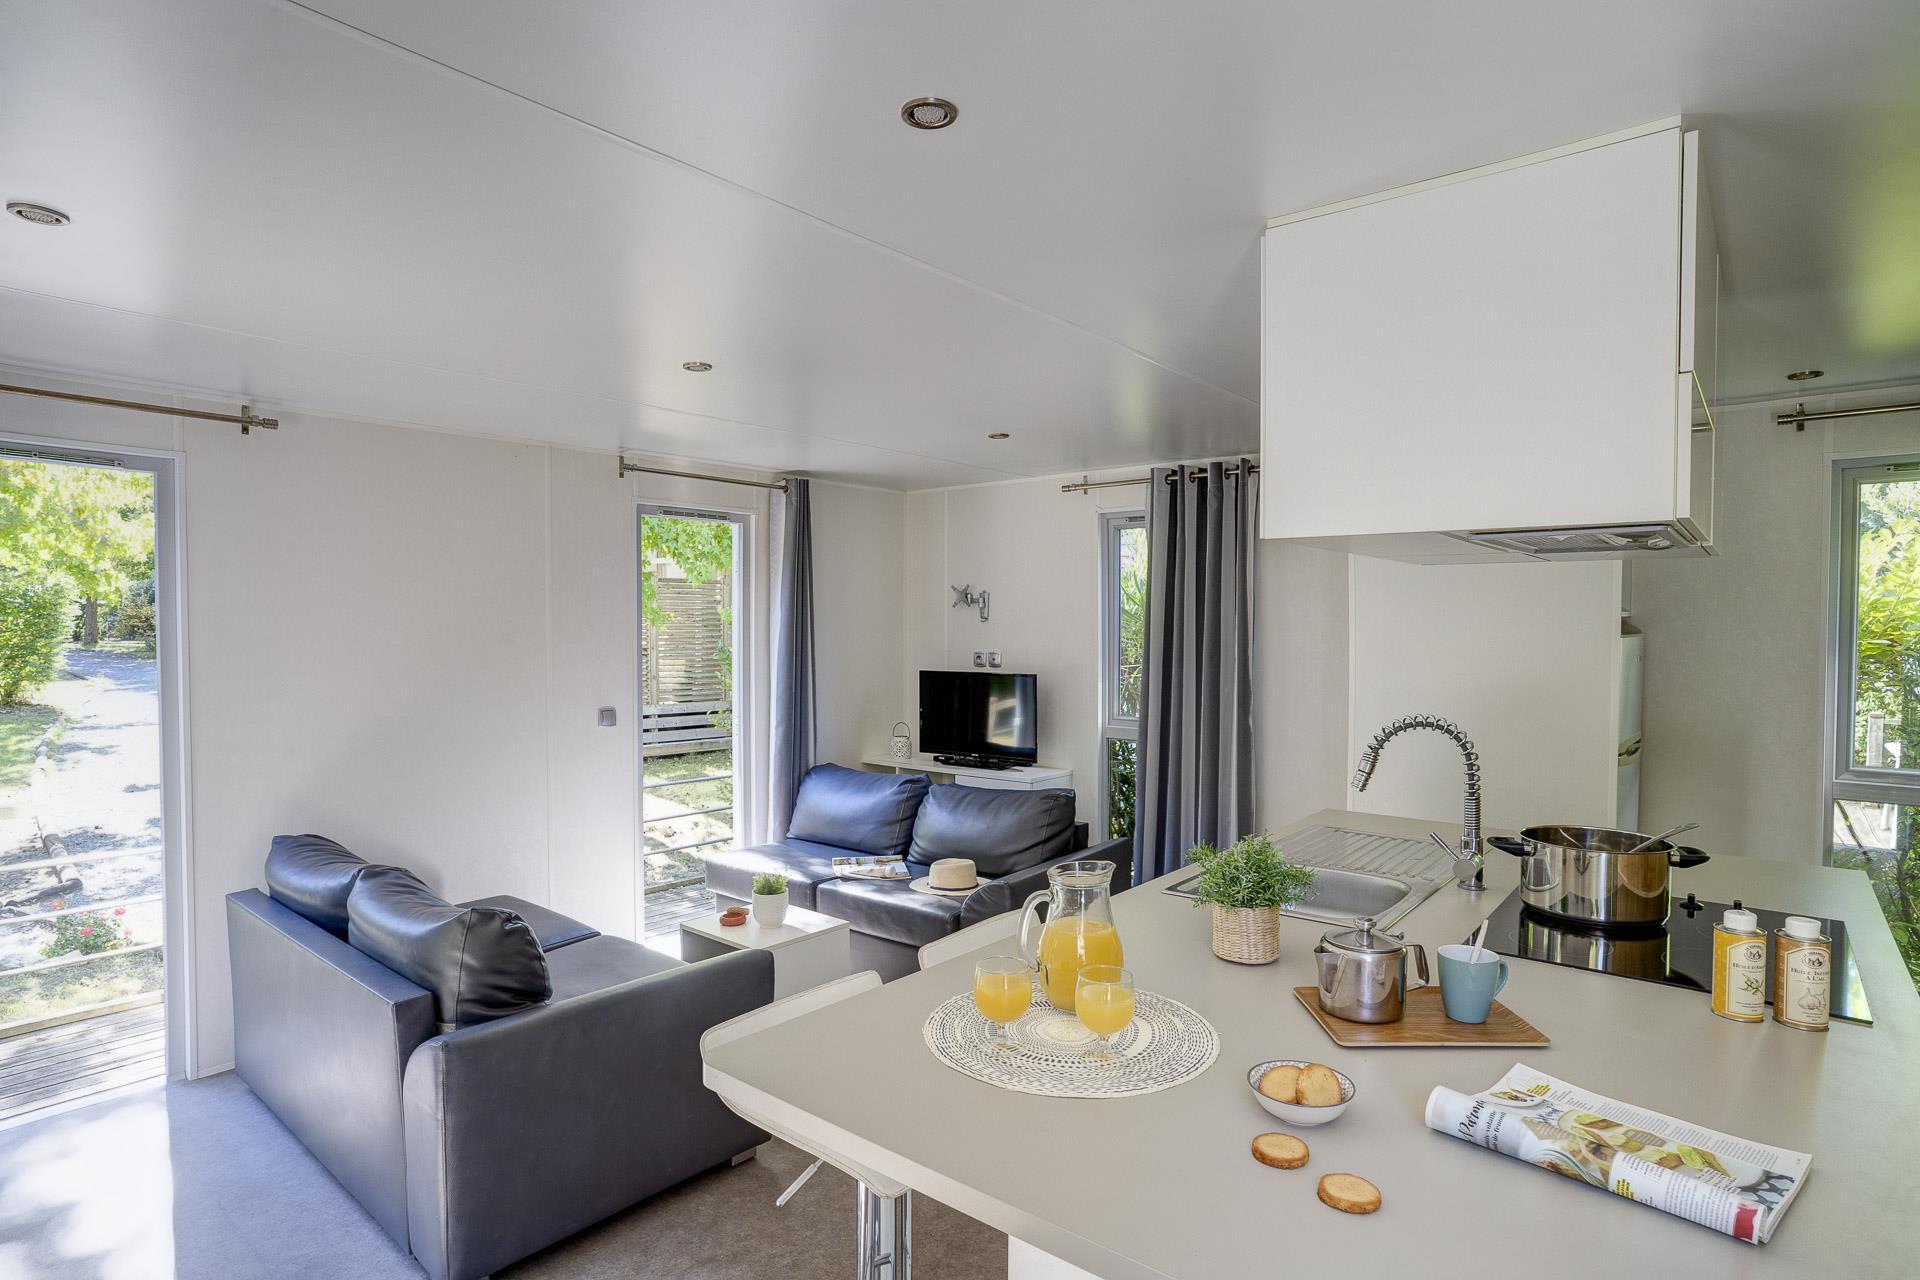 Location - Cottage Keywest Funny Forest 2 Chambres Climatisé Premium - Camping Sandaya Séquoia Parc